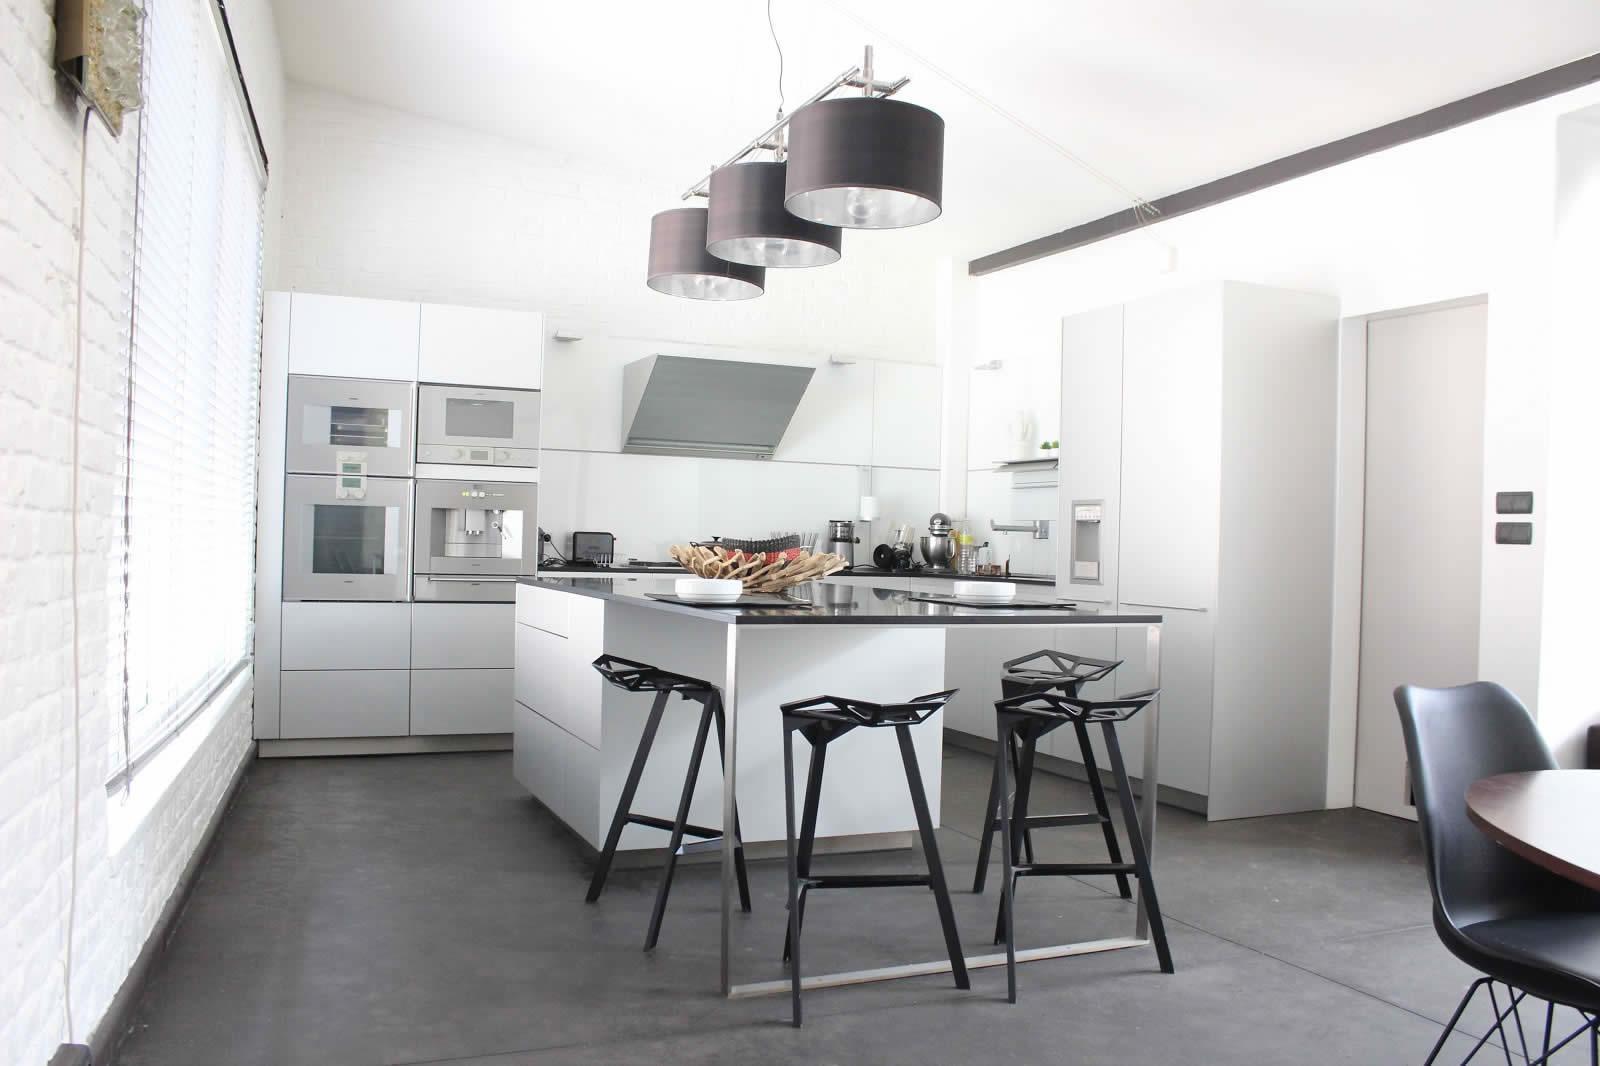 loft-style-industriel-beton-pierre-metal-mezzanine-a-vendre-lille